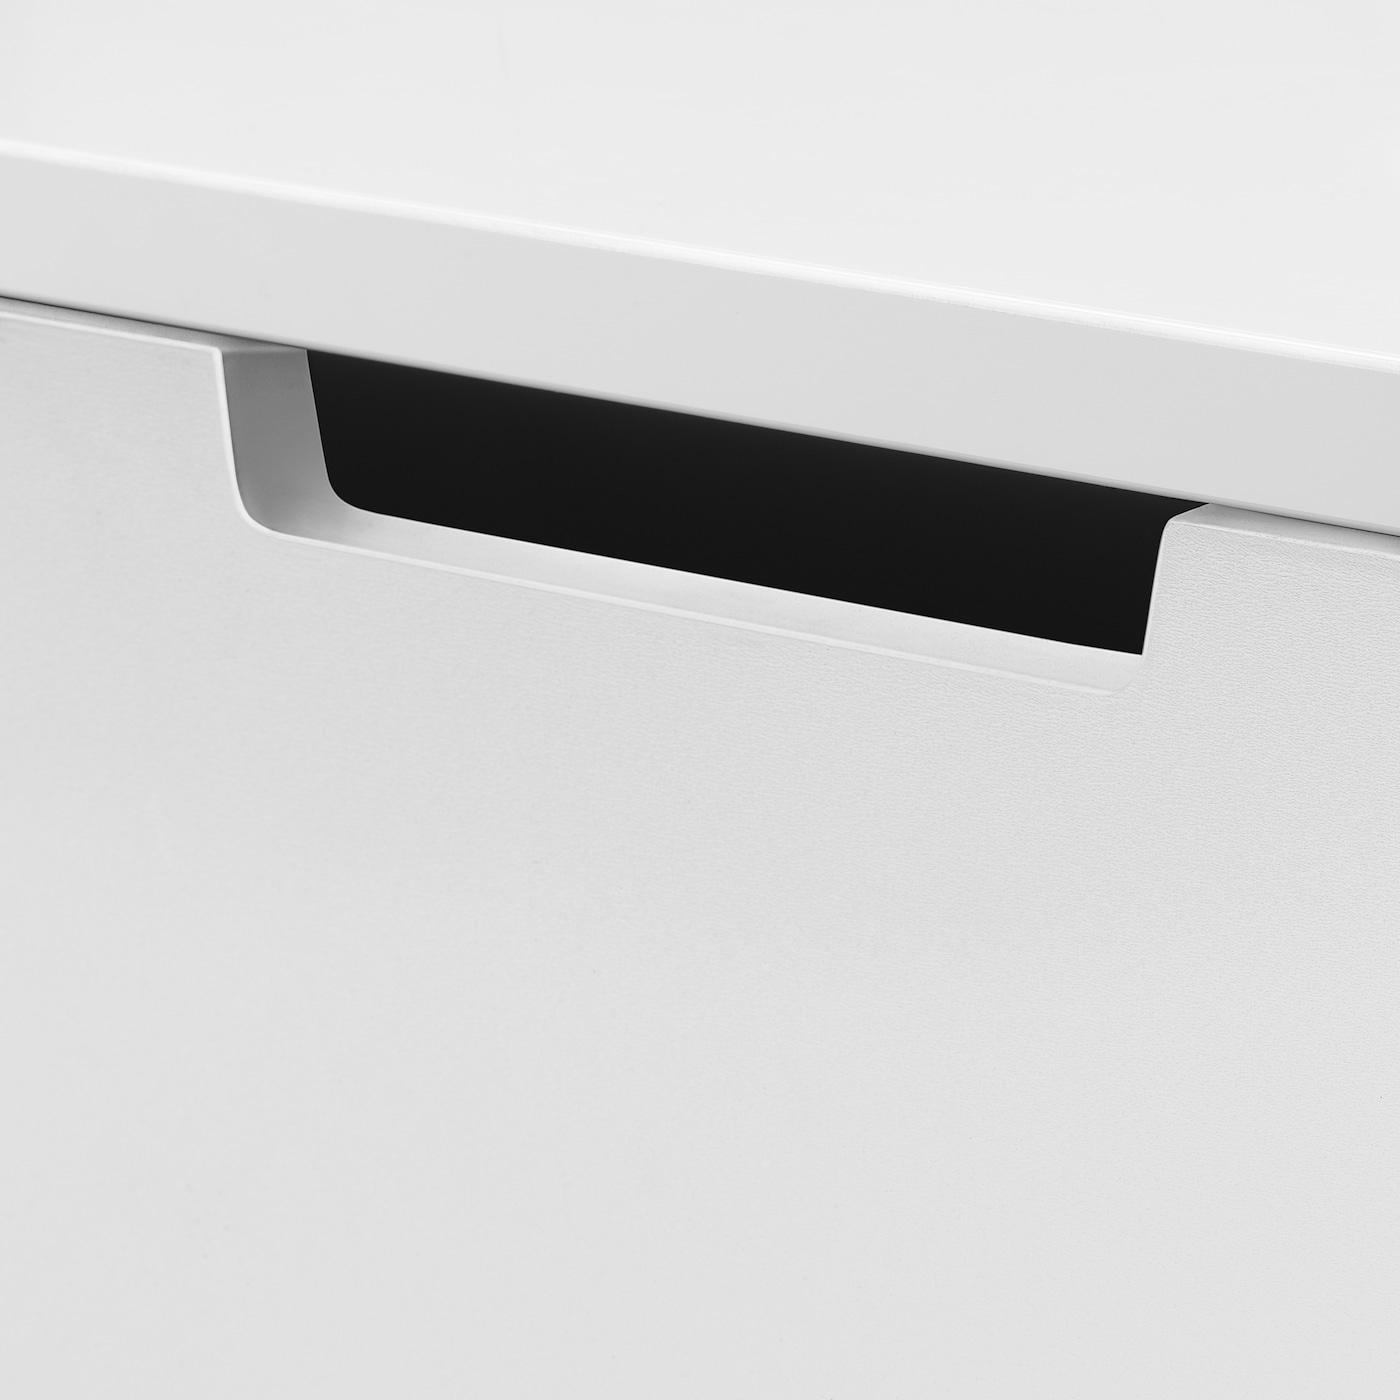 NORDLI Kommode mit 3 Schubladen, weiß, 40x76 cm